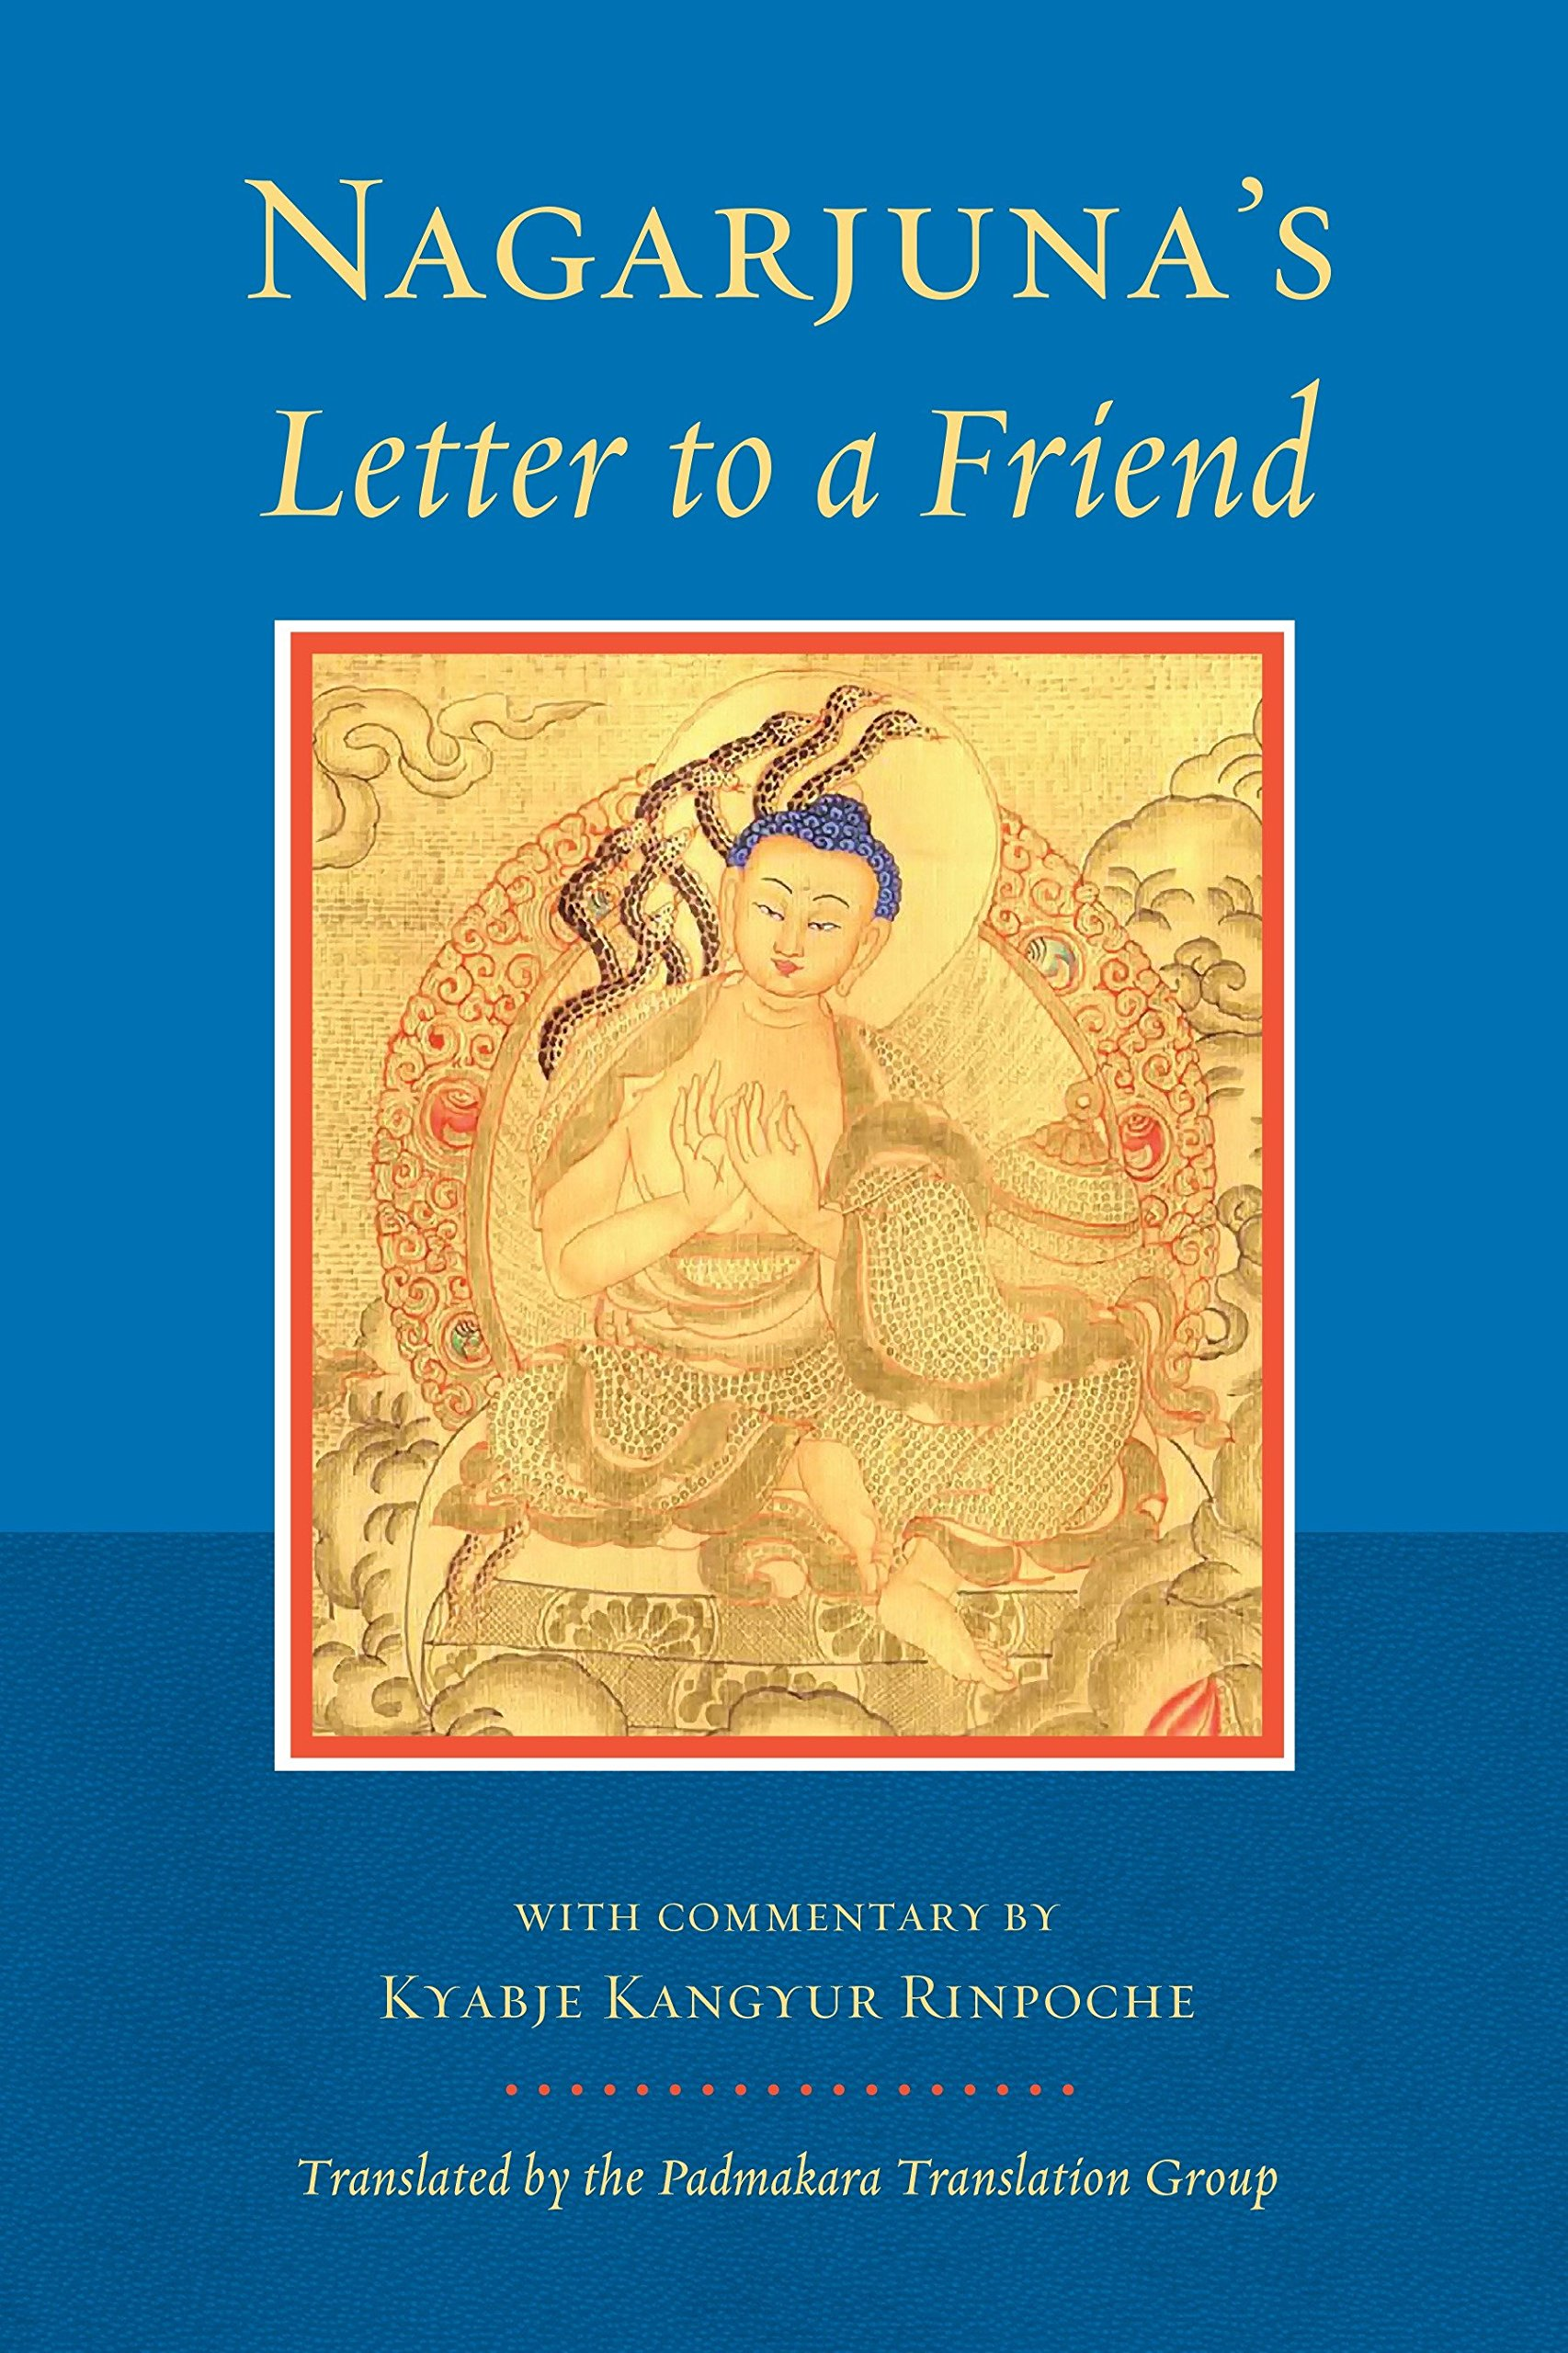 Nagarjuna's Letter cover art